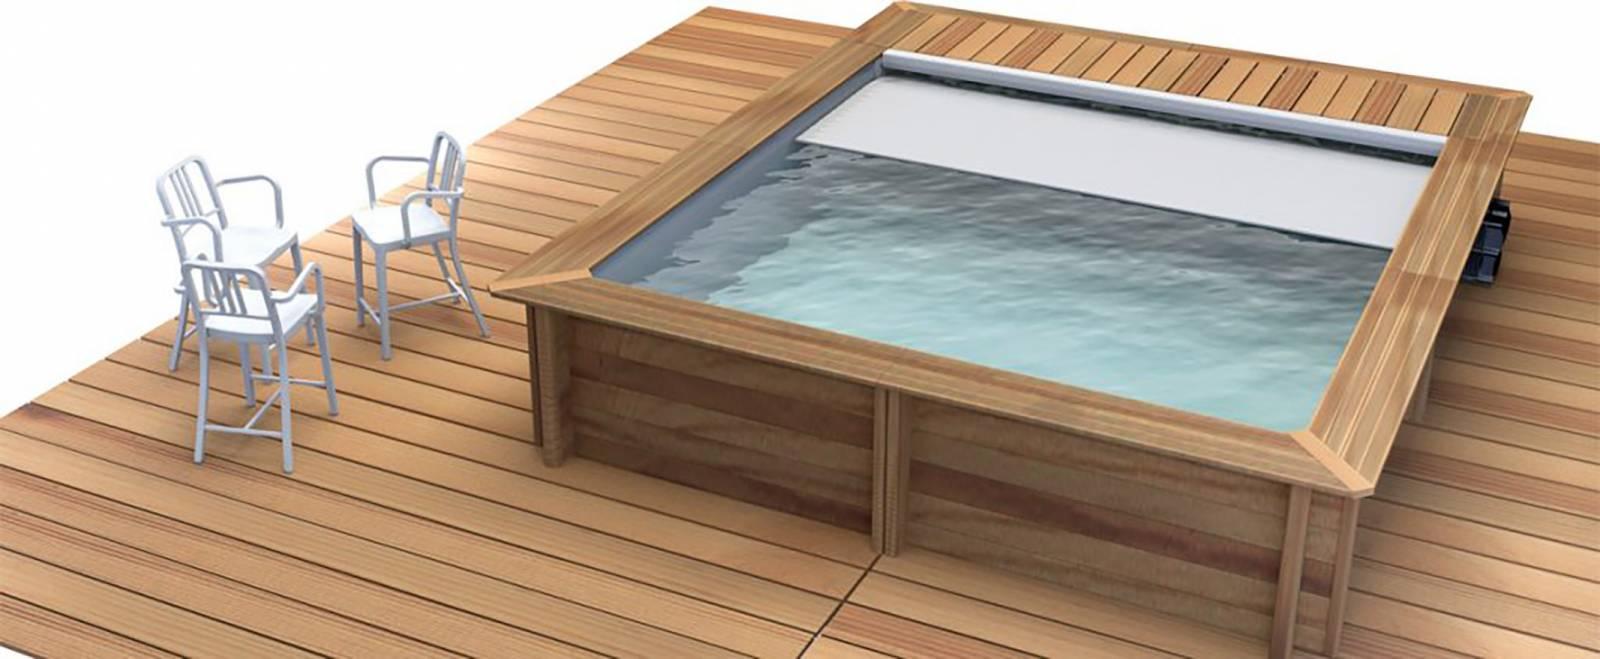 Acheter en ligne une piscine hors sol en bois pas cher